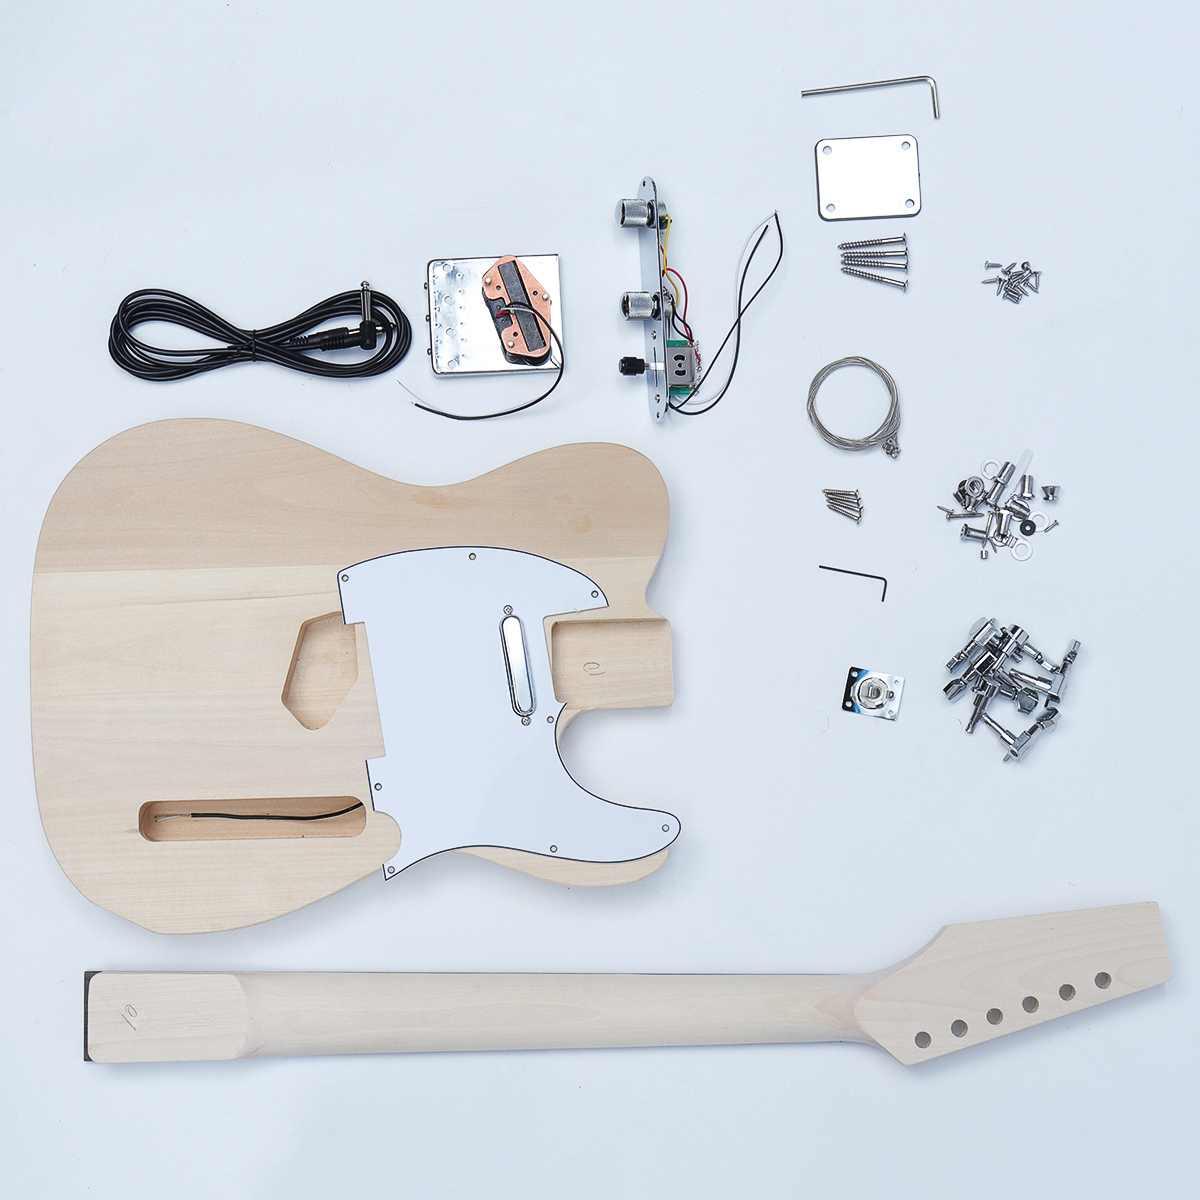 Hêtre Bois bricolage Électrique Guitare Accessoires Kit Corps Manche Érable 6 instrument à cordes Guitare Accessoires Pièces de Rechange